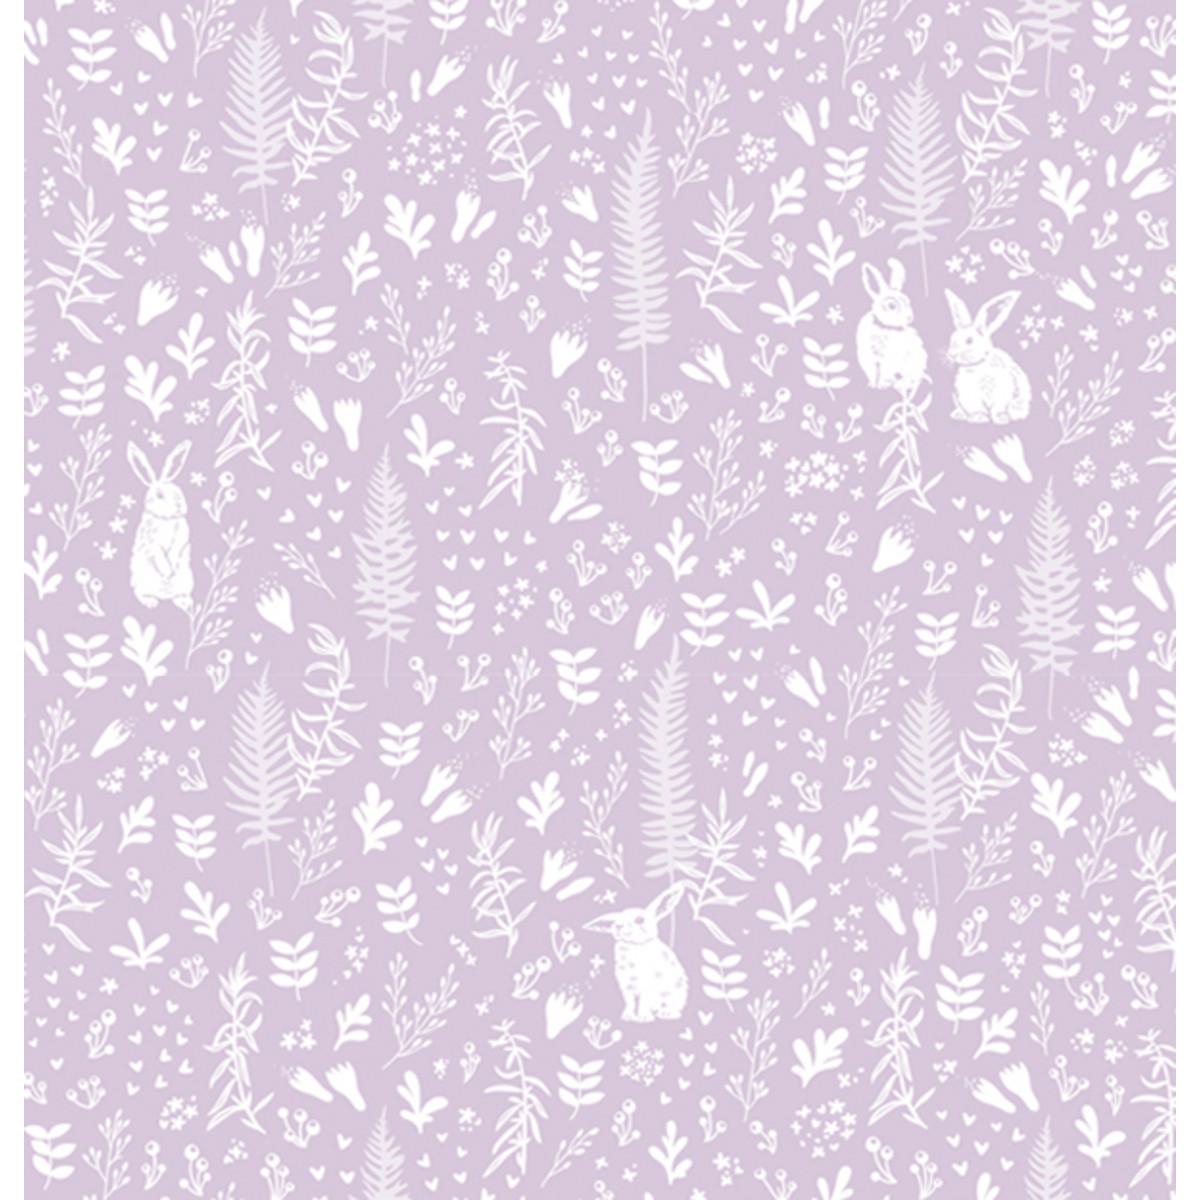 Обои виниловые Gaenari фиолетовые 1.06 м A5103-2